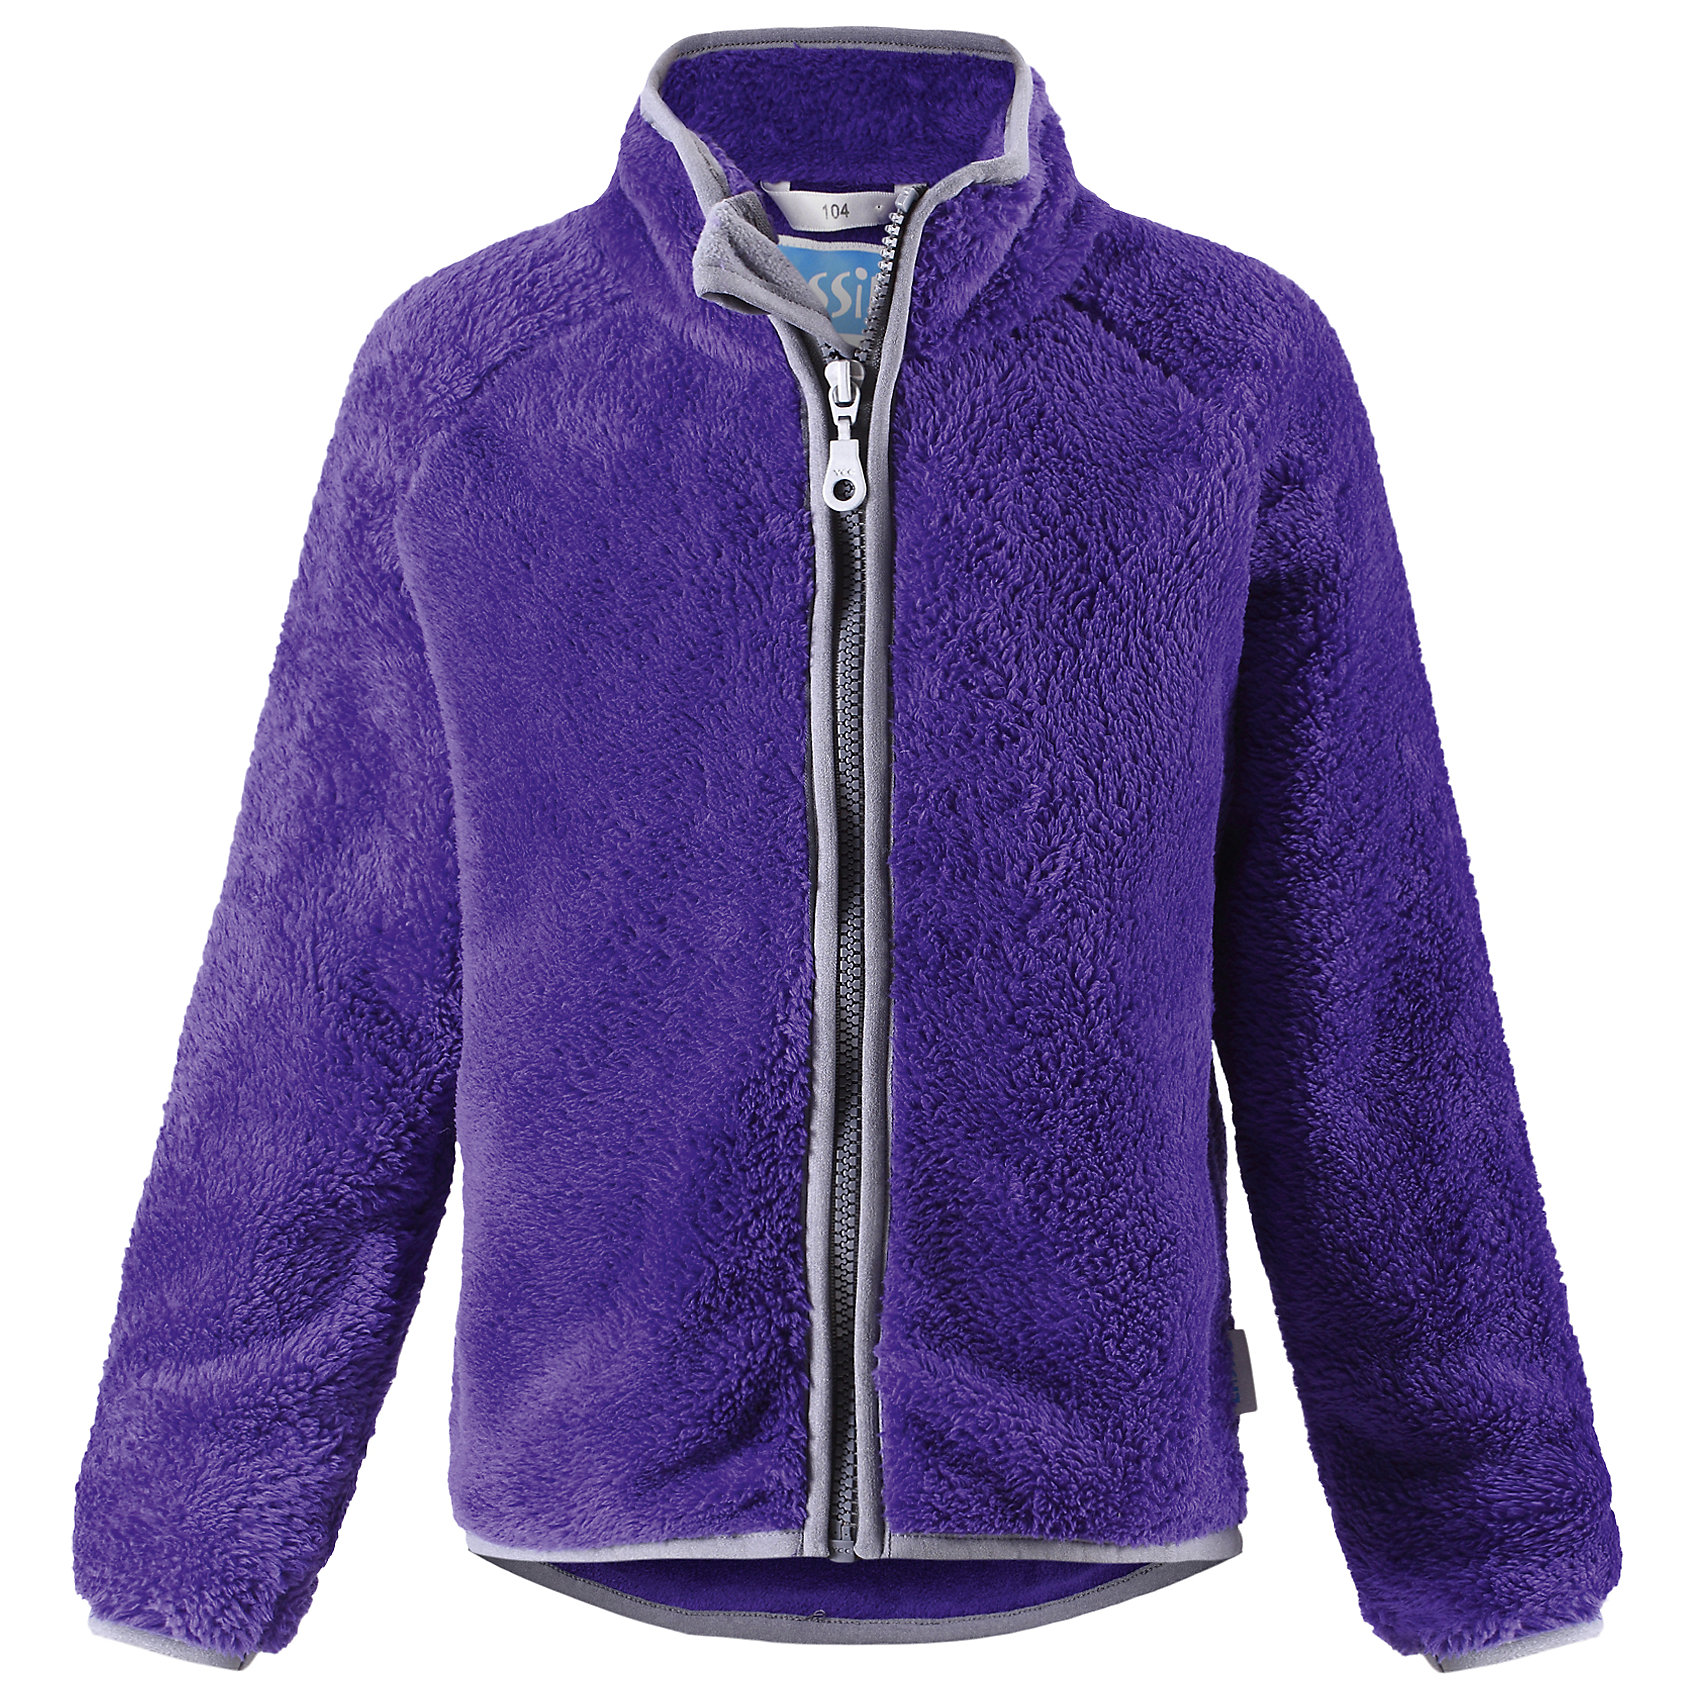 Куртка для мальчика LASSIE by ReimaКуртка для мальчика от финской марки LASSIE by Reima (Ласси от Рейма).<br>Промежуточный слой из флиса. С начесом. Теплый , быстровысыхающий материал.<br><br>Дополнительная информация:<br><br>Состав: 100% полиэстер<br><br>Куртку для мальчика LASSIE by Reima (Ласси от Рейма) можно купить в нашем магазине.<br><br>Ширина мм: 356<br>Глубина мм: 10<br>Высота мм: 245<br>Вес г: 519<br>Цвет: фиолетовый<br>Возраст от месяцев: 18<br>Возраст до месяцев: 24<br>Пол: Мужской<br>Возраст: Детский<br>Размер: 92,122,98,128,110,116,134,140,104<br>SKU: 4219010